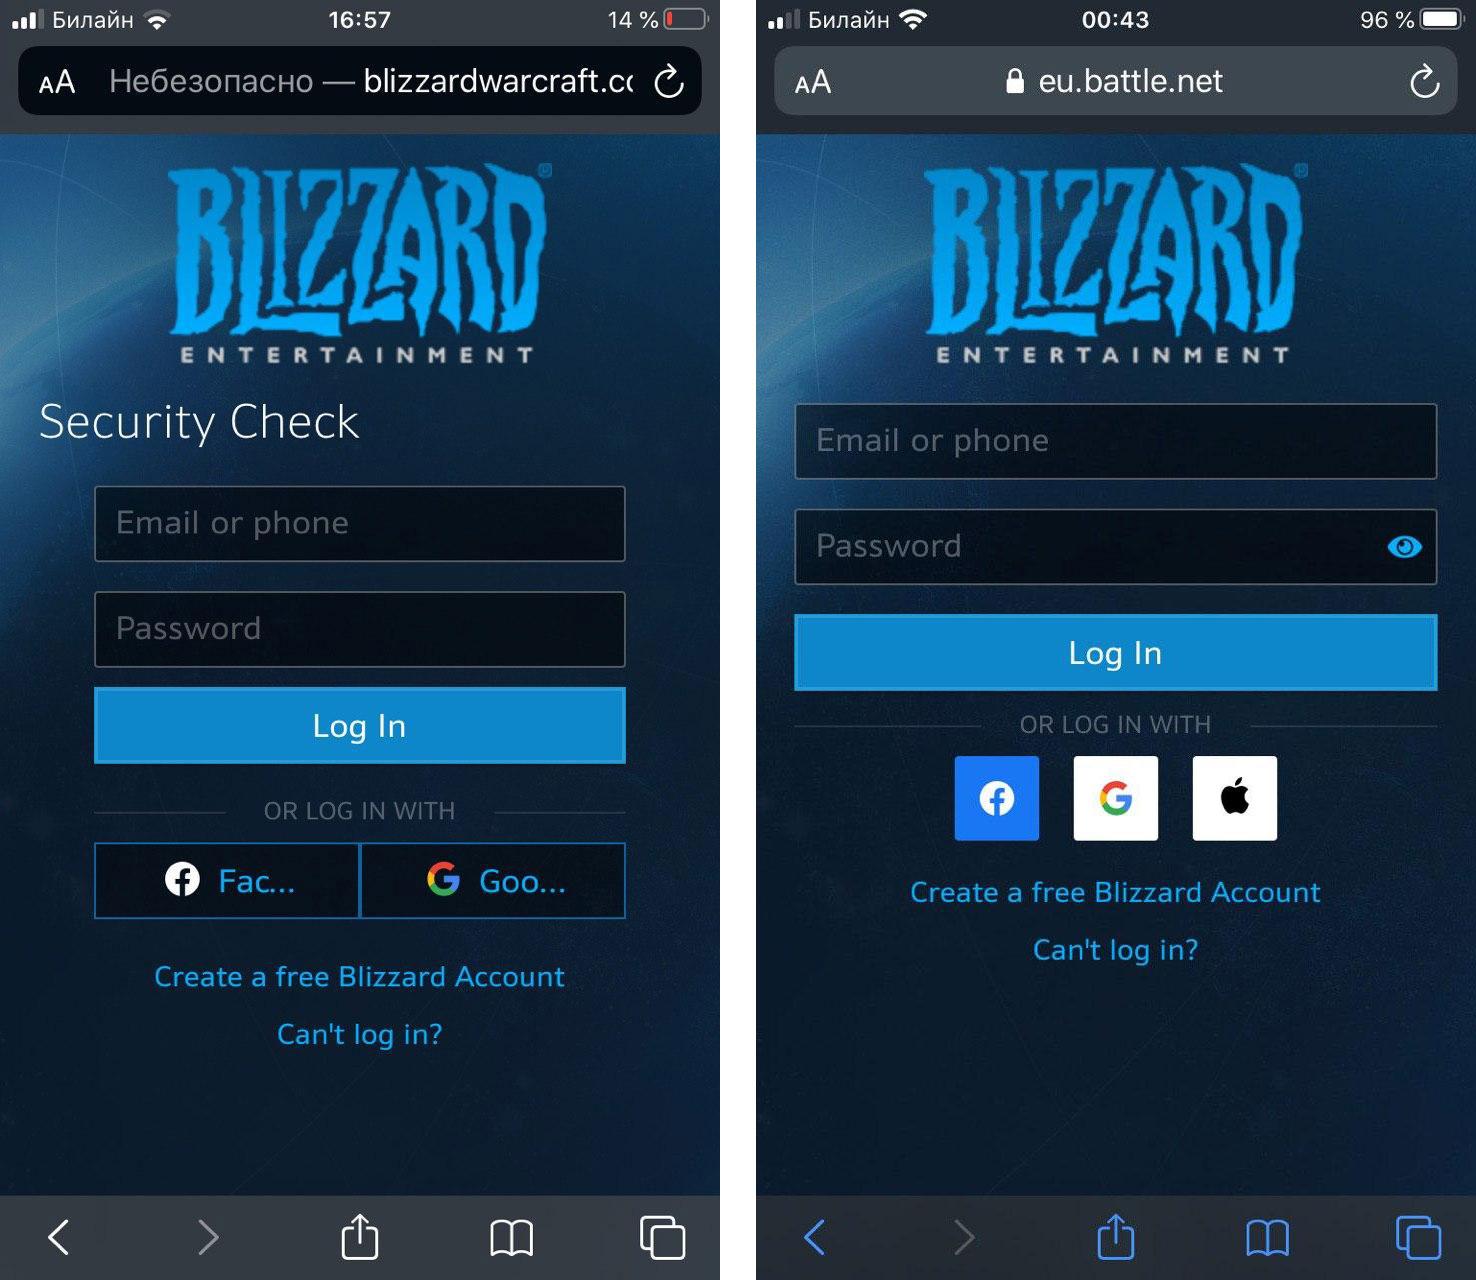 Ein Vergleich der Fake-Website (links) und der echten Blizzard-Seite (rechts)